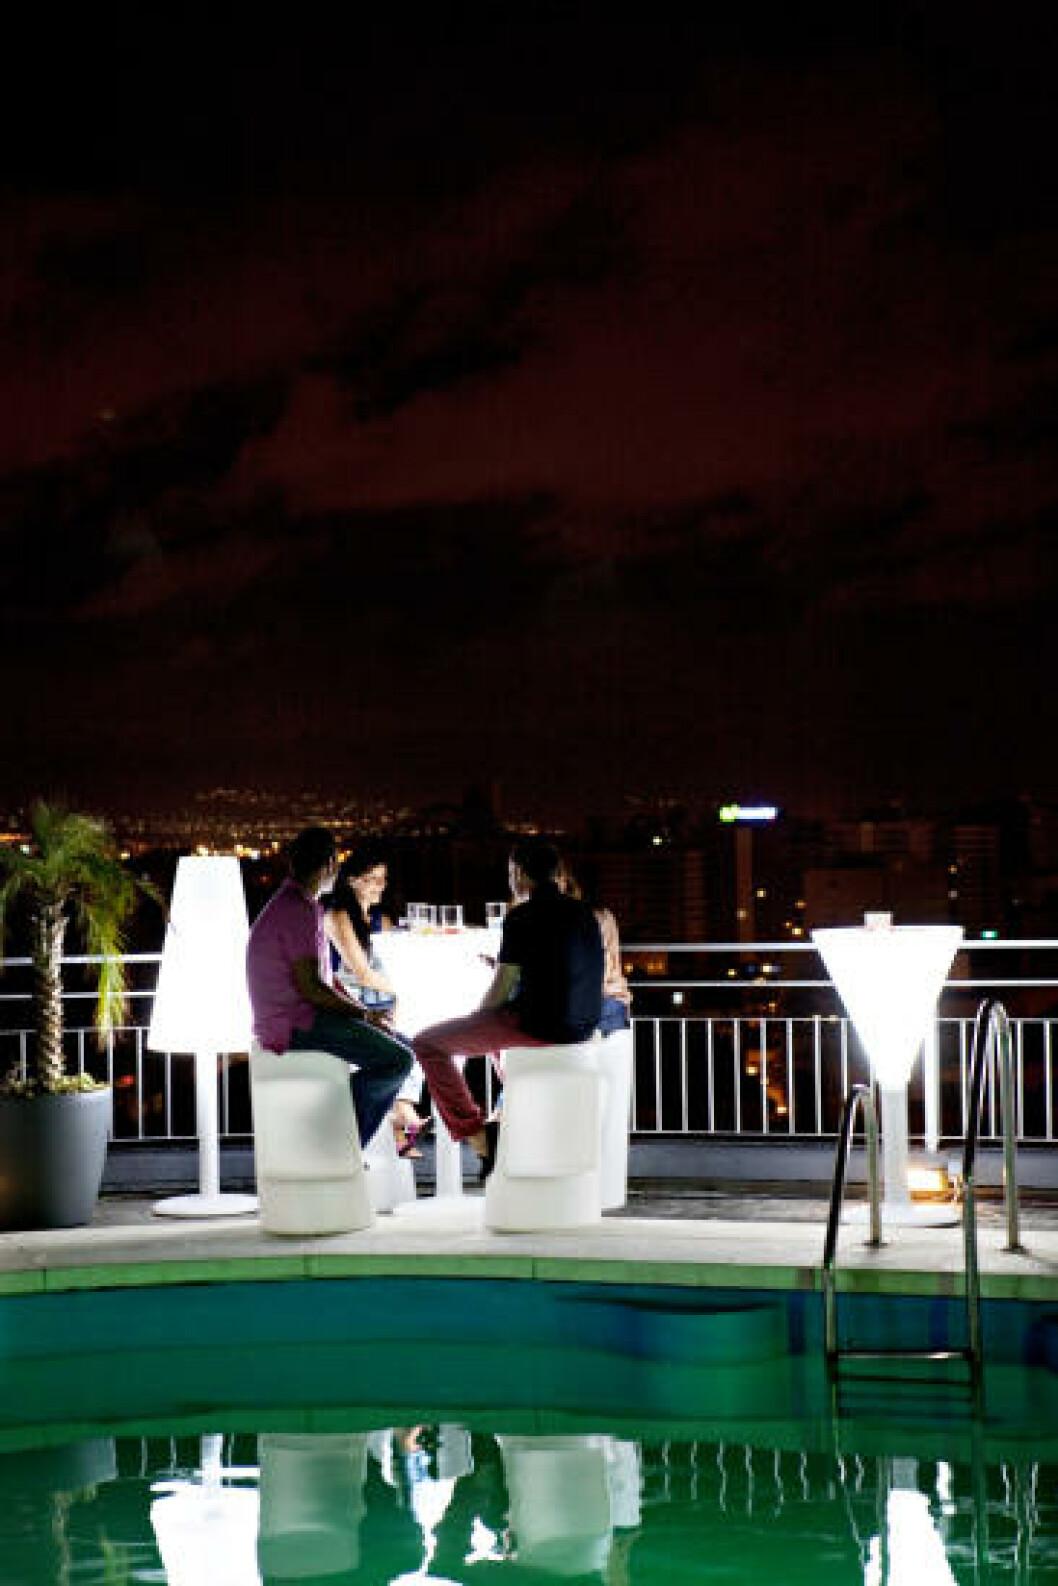 GLAMFAKTOR: Baren på taket av hotell AC byr på fantastisk utsikt og drinker du har råd til. Foto: NINA HANSEN